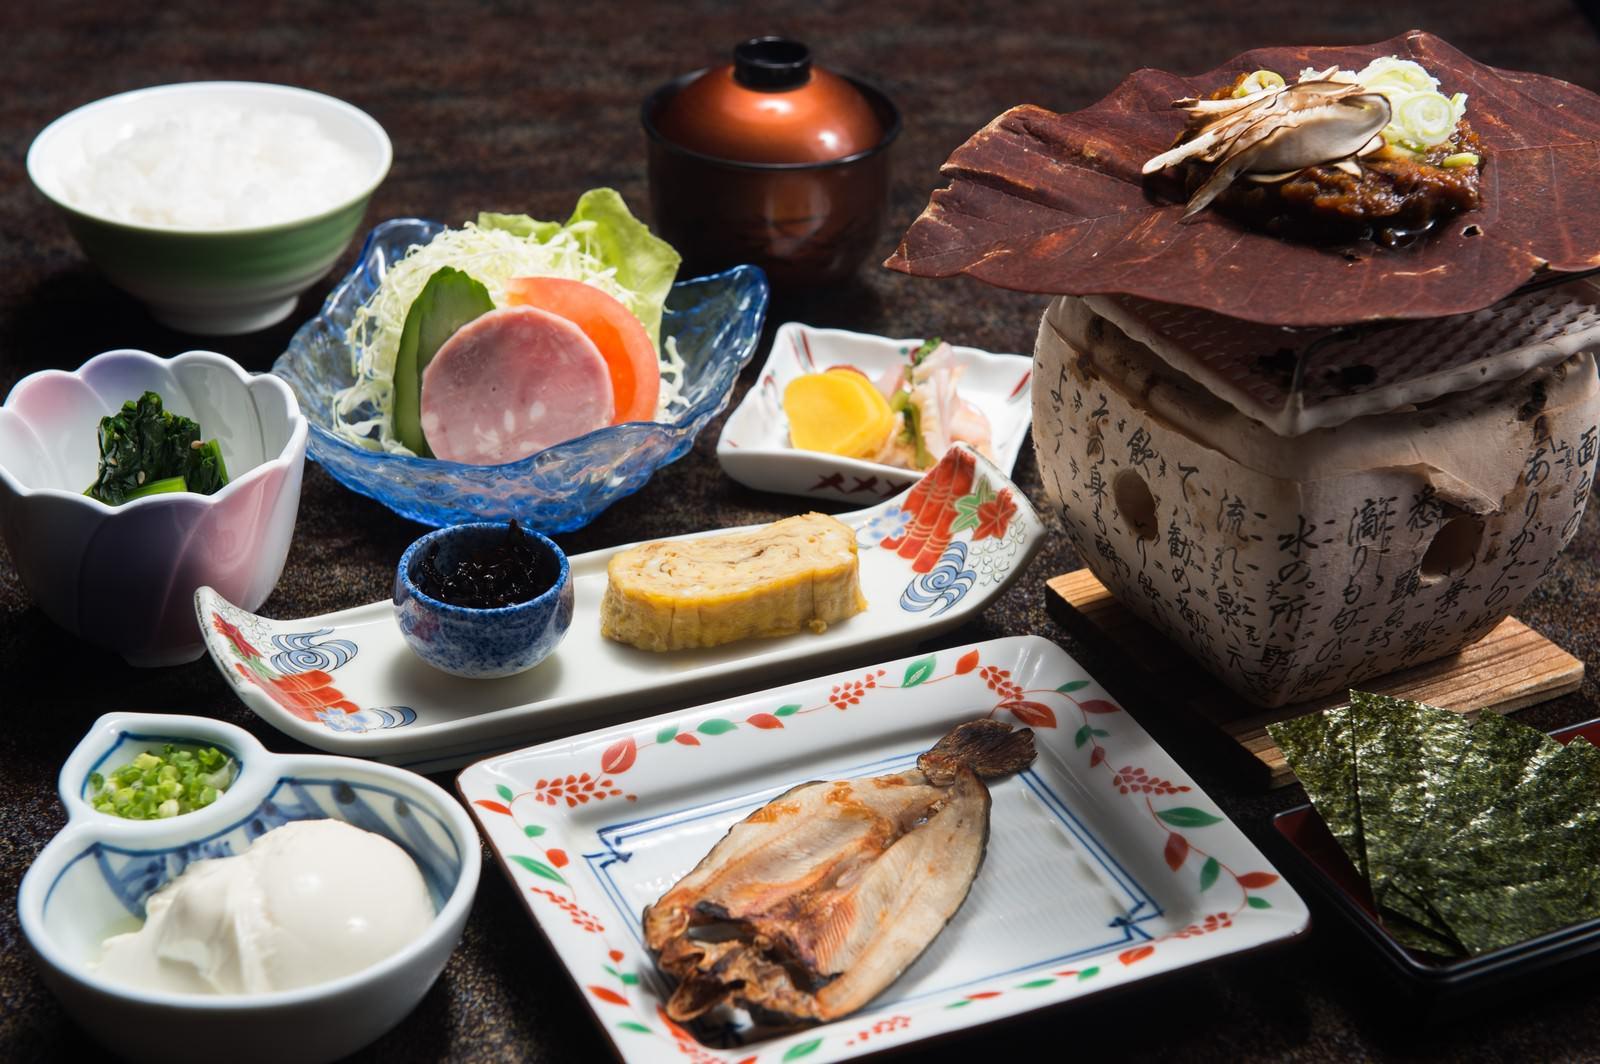 「朝食の品数が多い料理宿「栄太郎」は満足度が高い」の写真